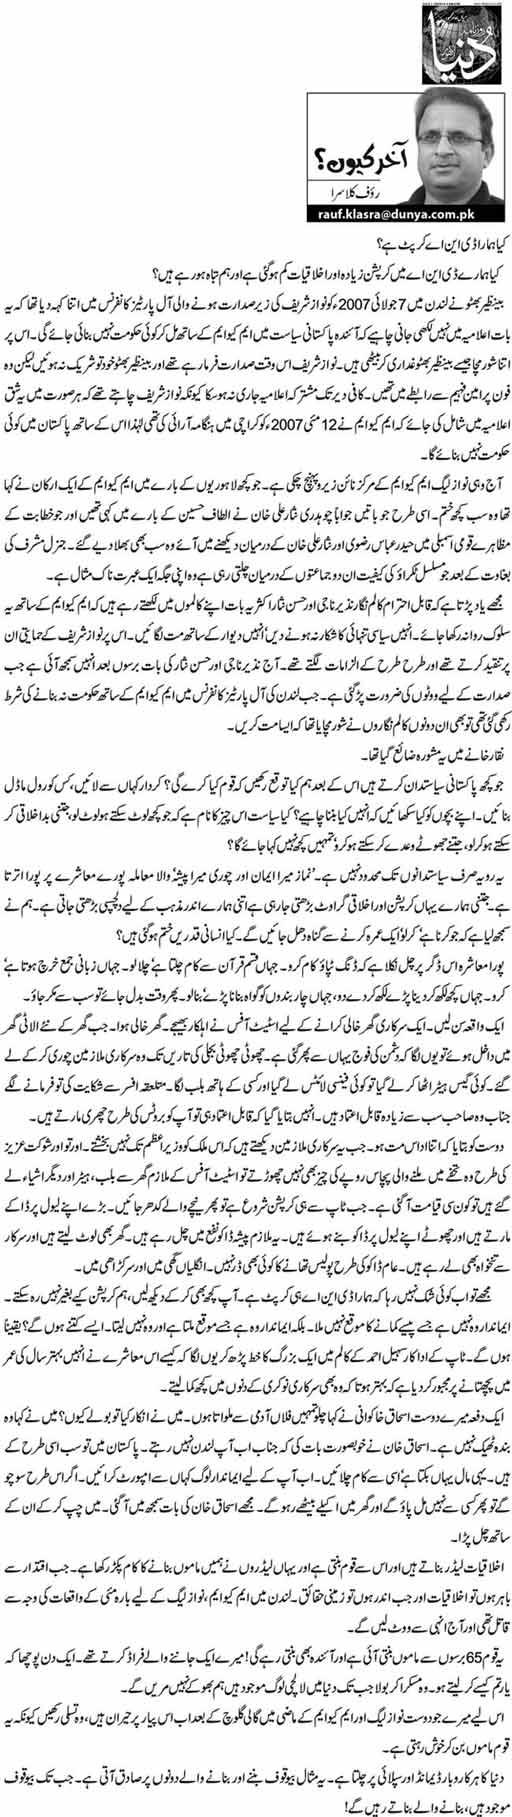 Kya Hamara DNA Corrupt Hai? - Rauf Klasra